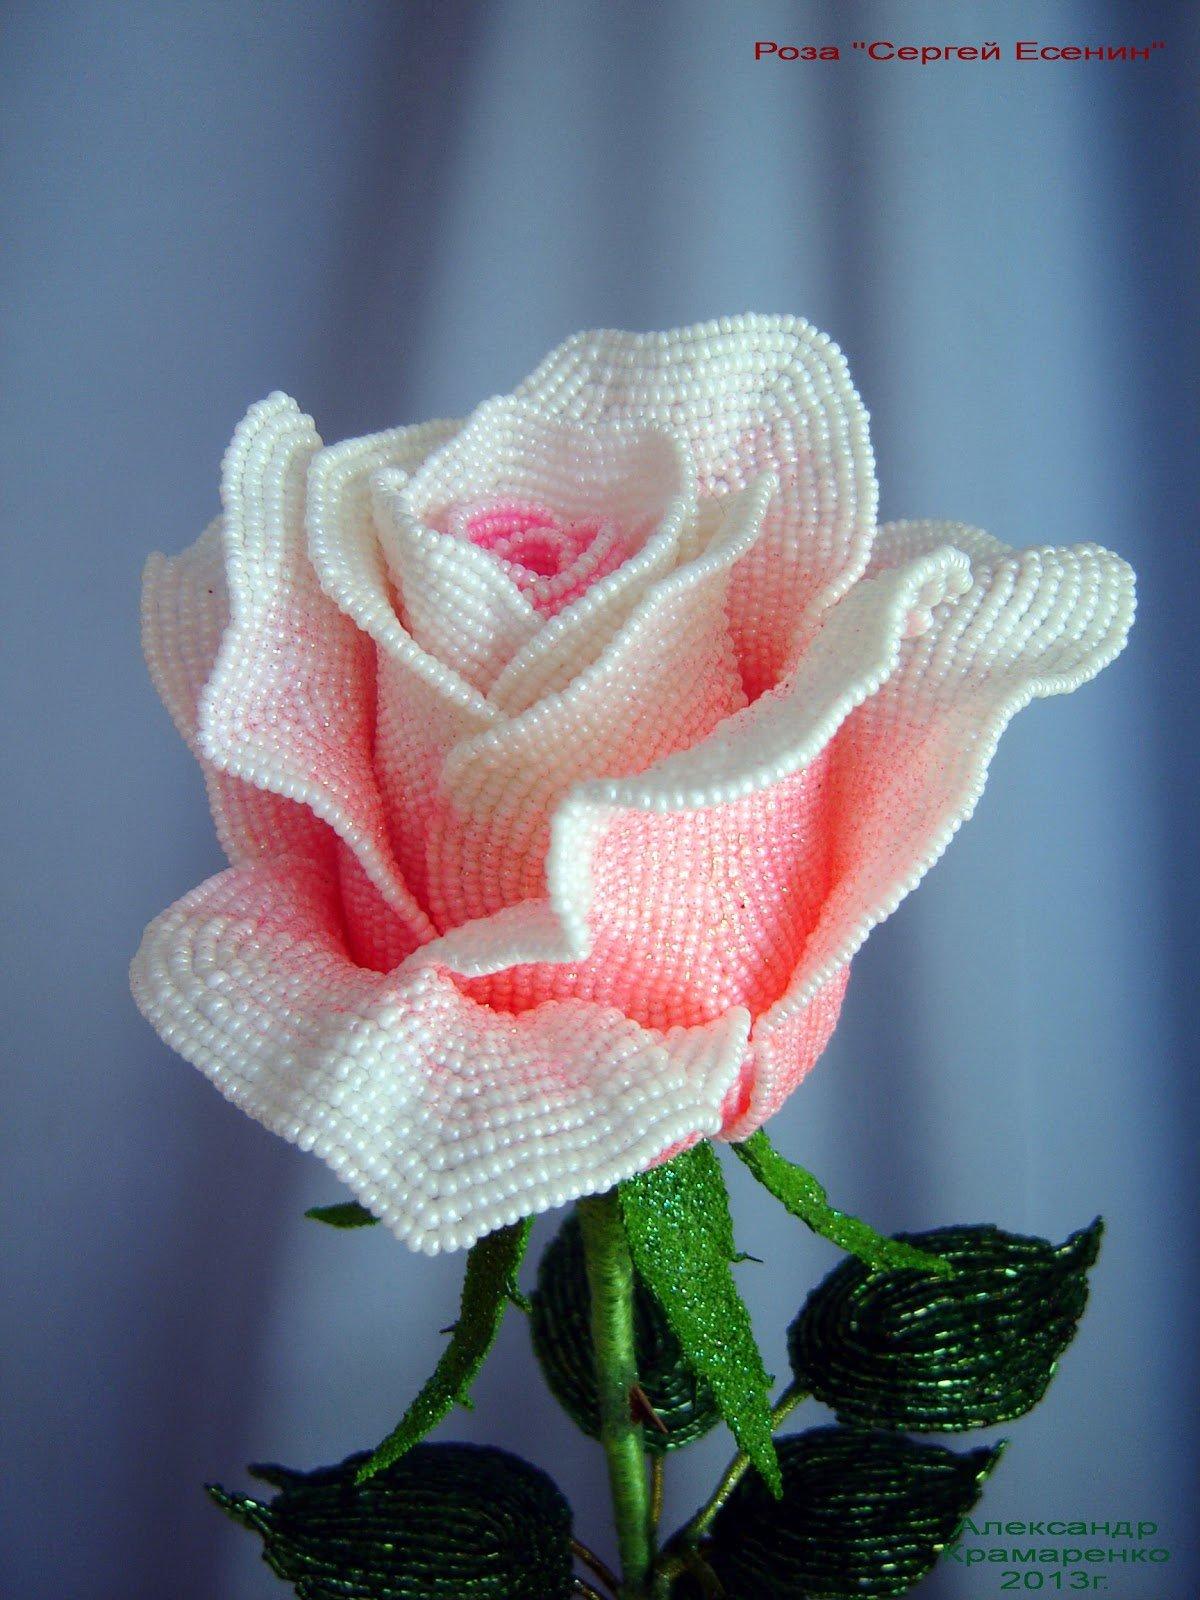 """Большие розы из бисера"""" - карточка пользователя r.chaykivska в Яндекс.Коллекциях"""